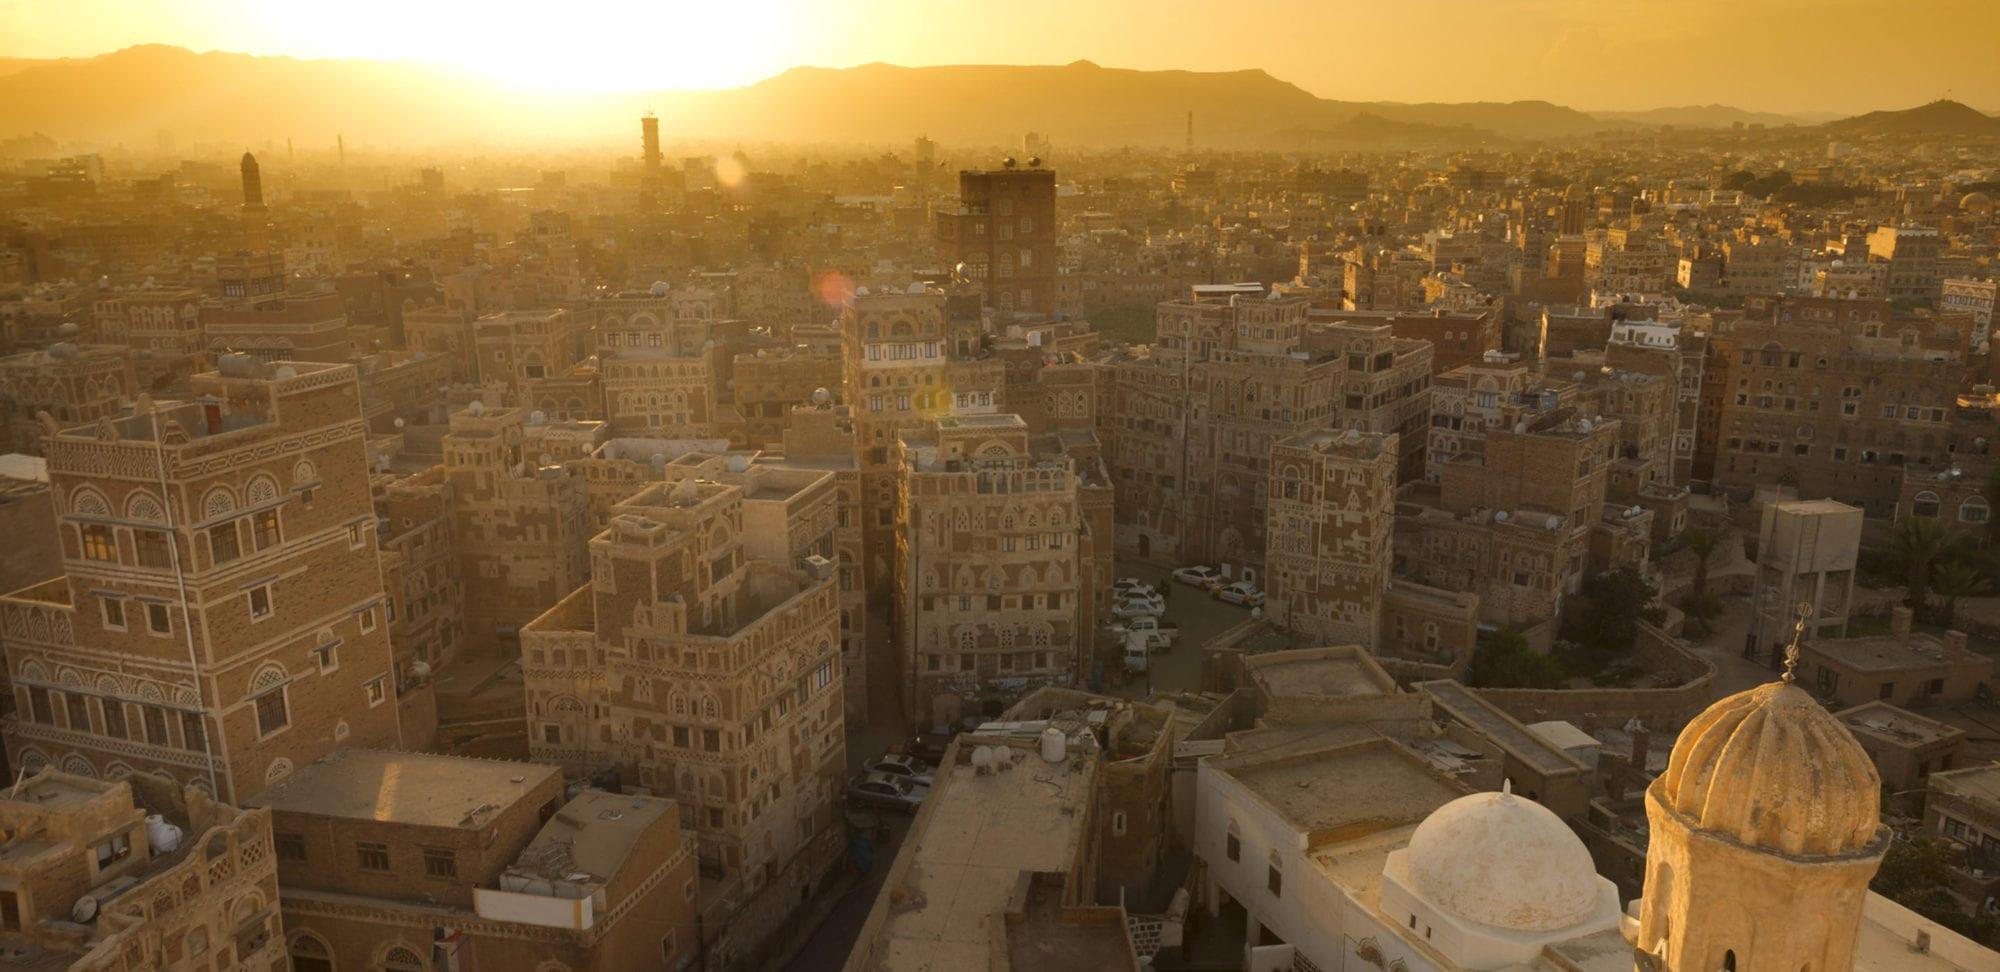 عدد محافظات اليمن